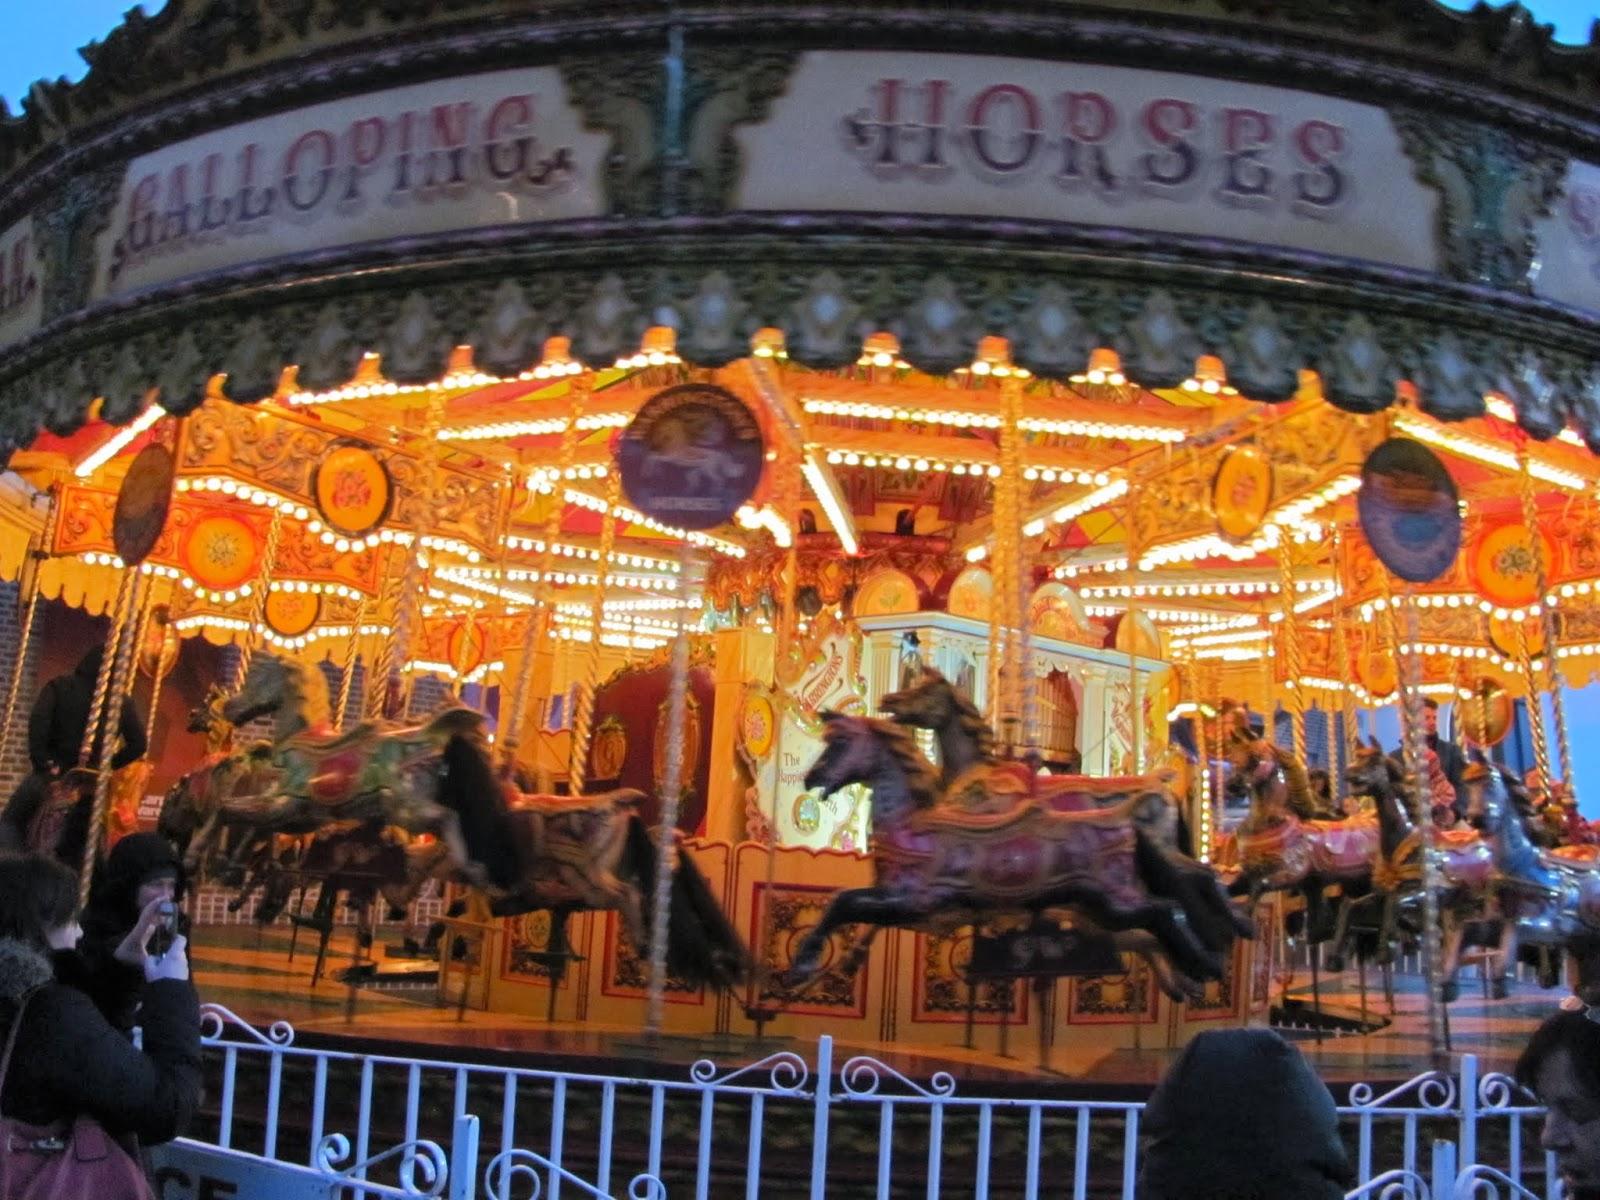 Christmas Market Carousel in Dublin